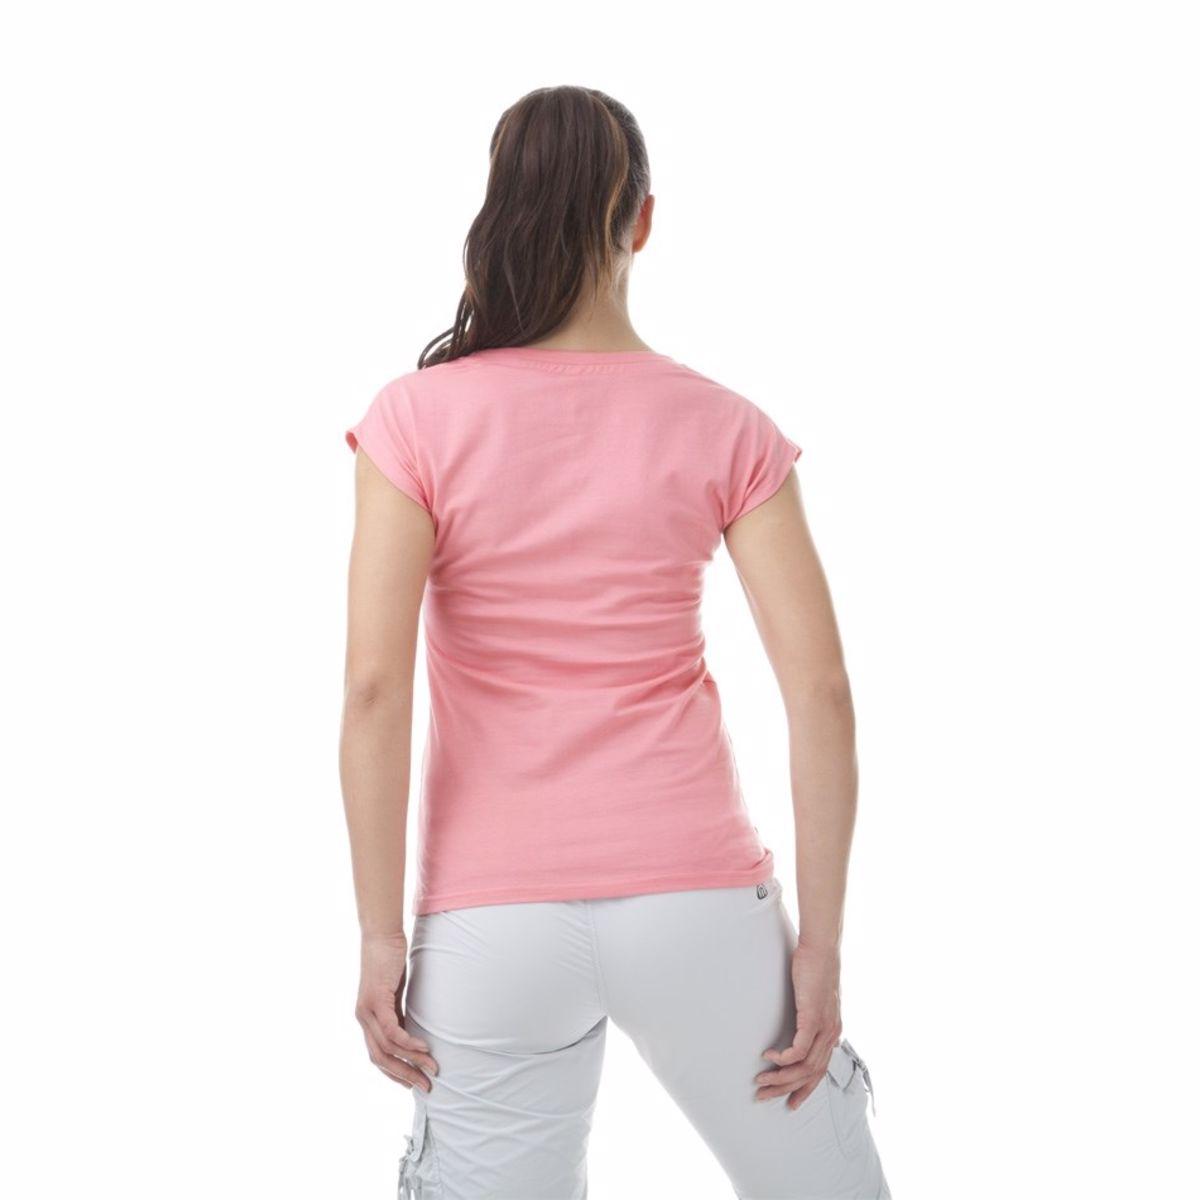 59f9e64c98d1 Dámske tričko NORDBLANC NATIVE s krátkym rukávom a okrúhlym výstrihom.  Tričko je vyrobené z predpraného materiálu s vysokým podielom super  kvalitnej bavlny.